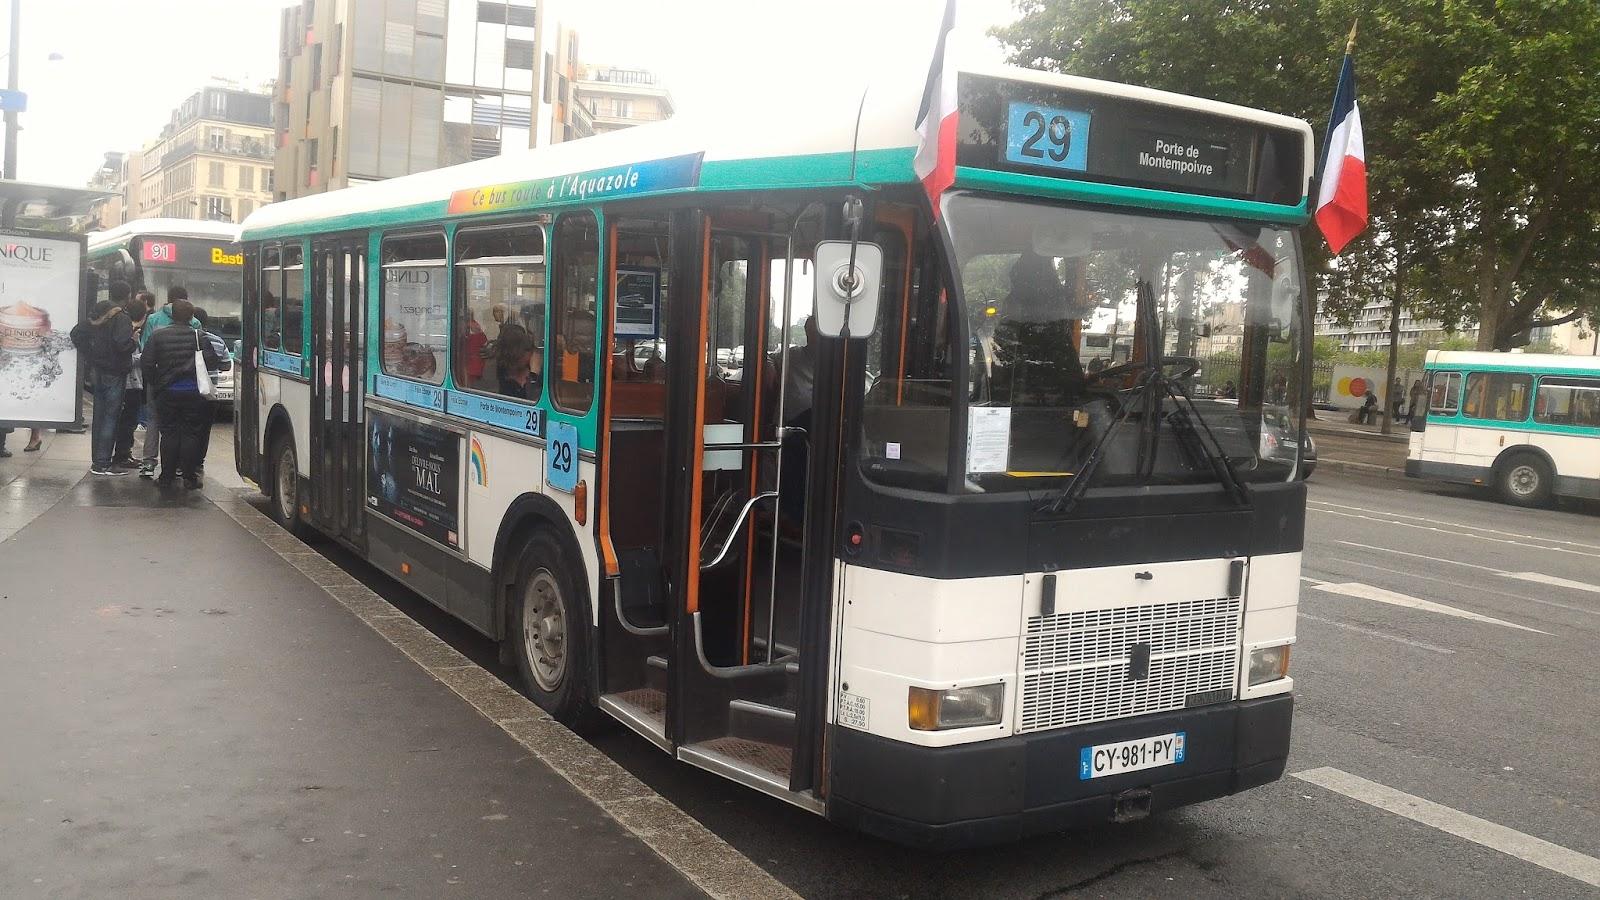 la ligne de bus ratp 27 quais de seine ivry re oit enfin ses ivecobus urbanway 18 hybride. Black Bedroom Furniture Sets. Home Design Ideas